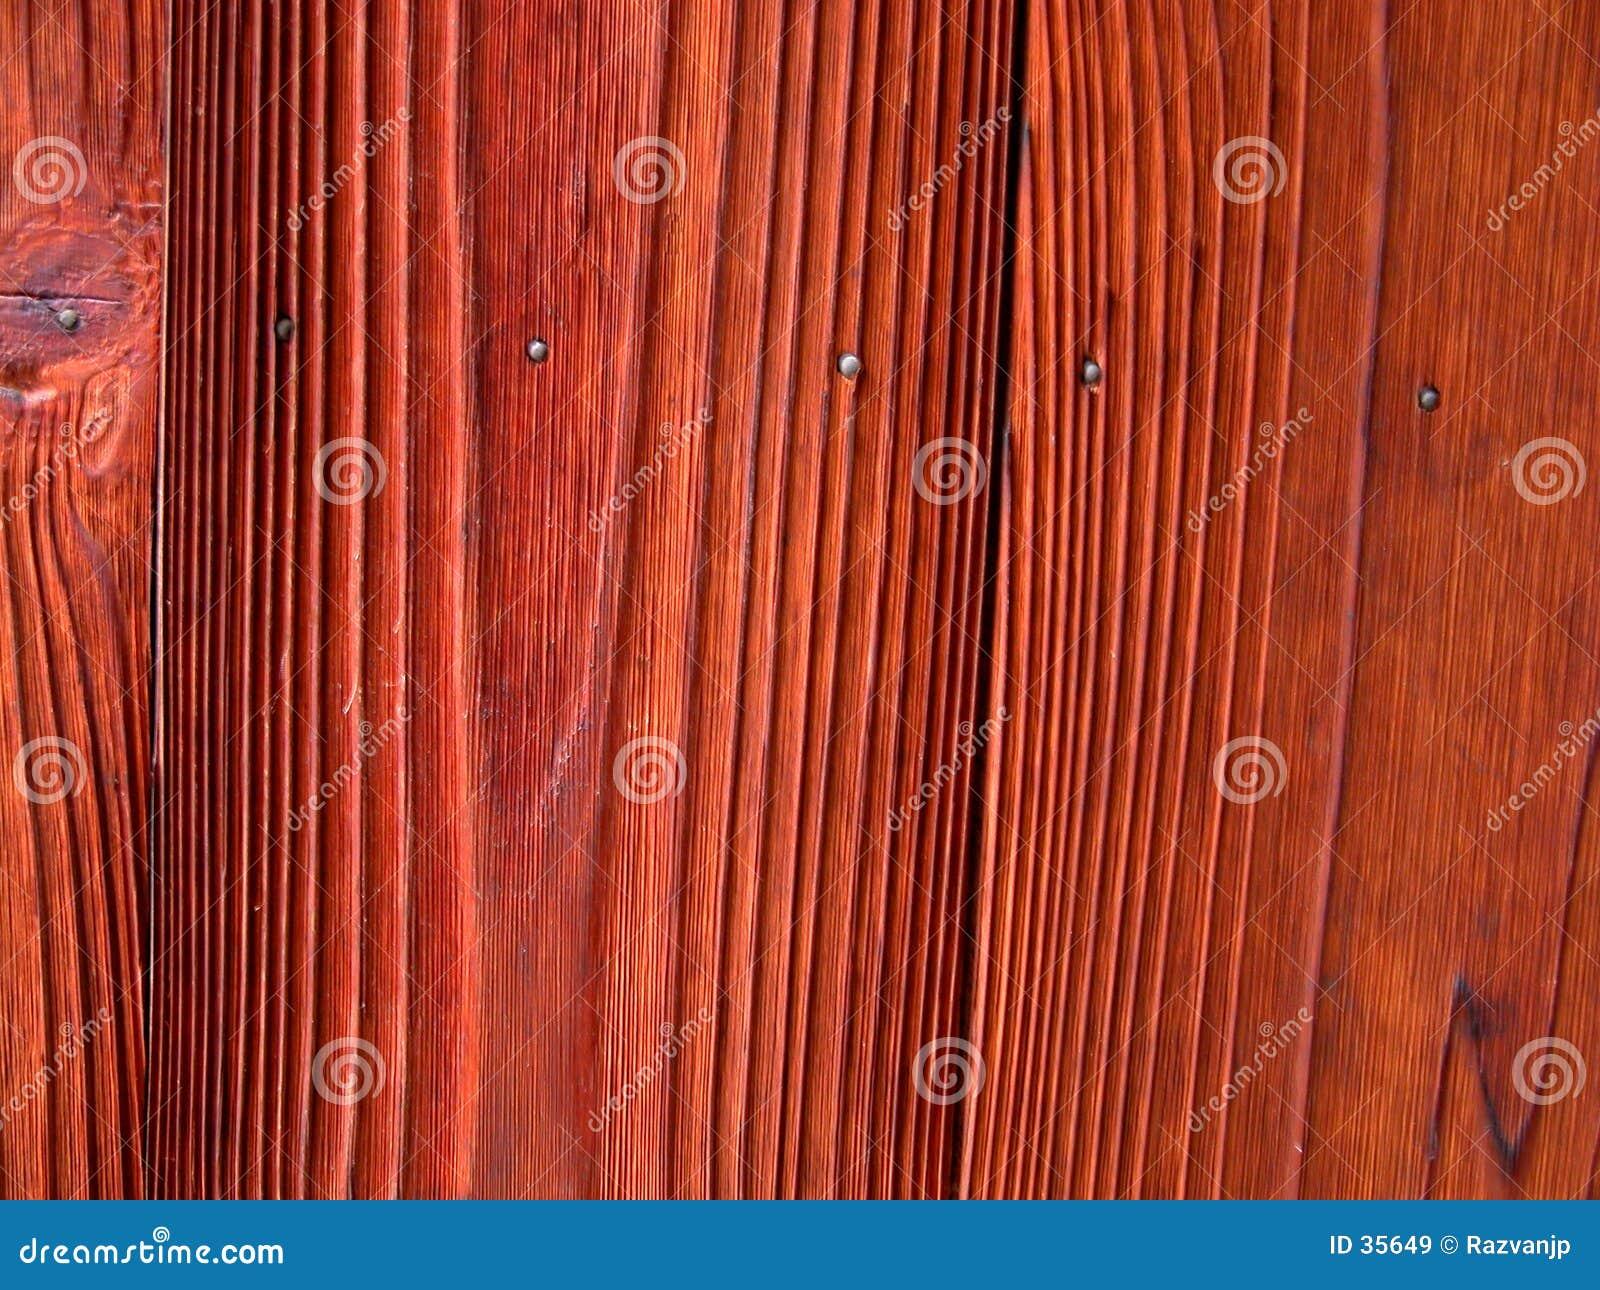 Download Textura de madera imagen de archivo. Imagen de nana, existencias - 35649